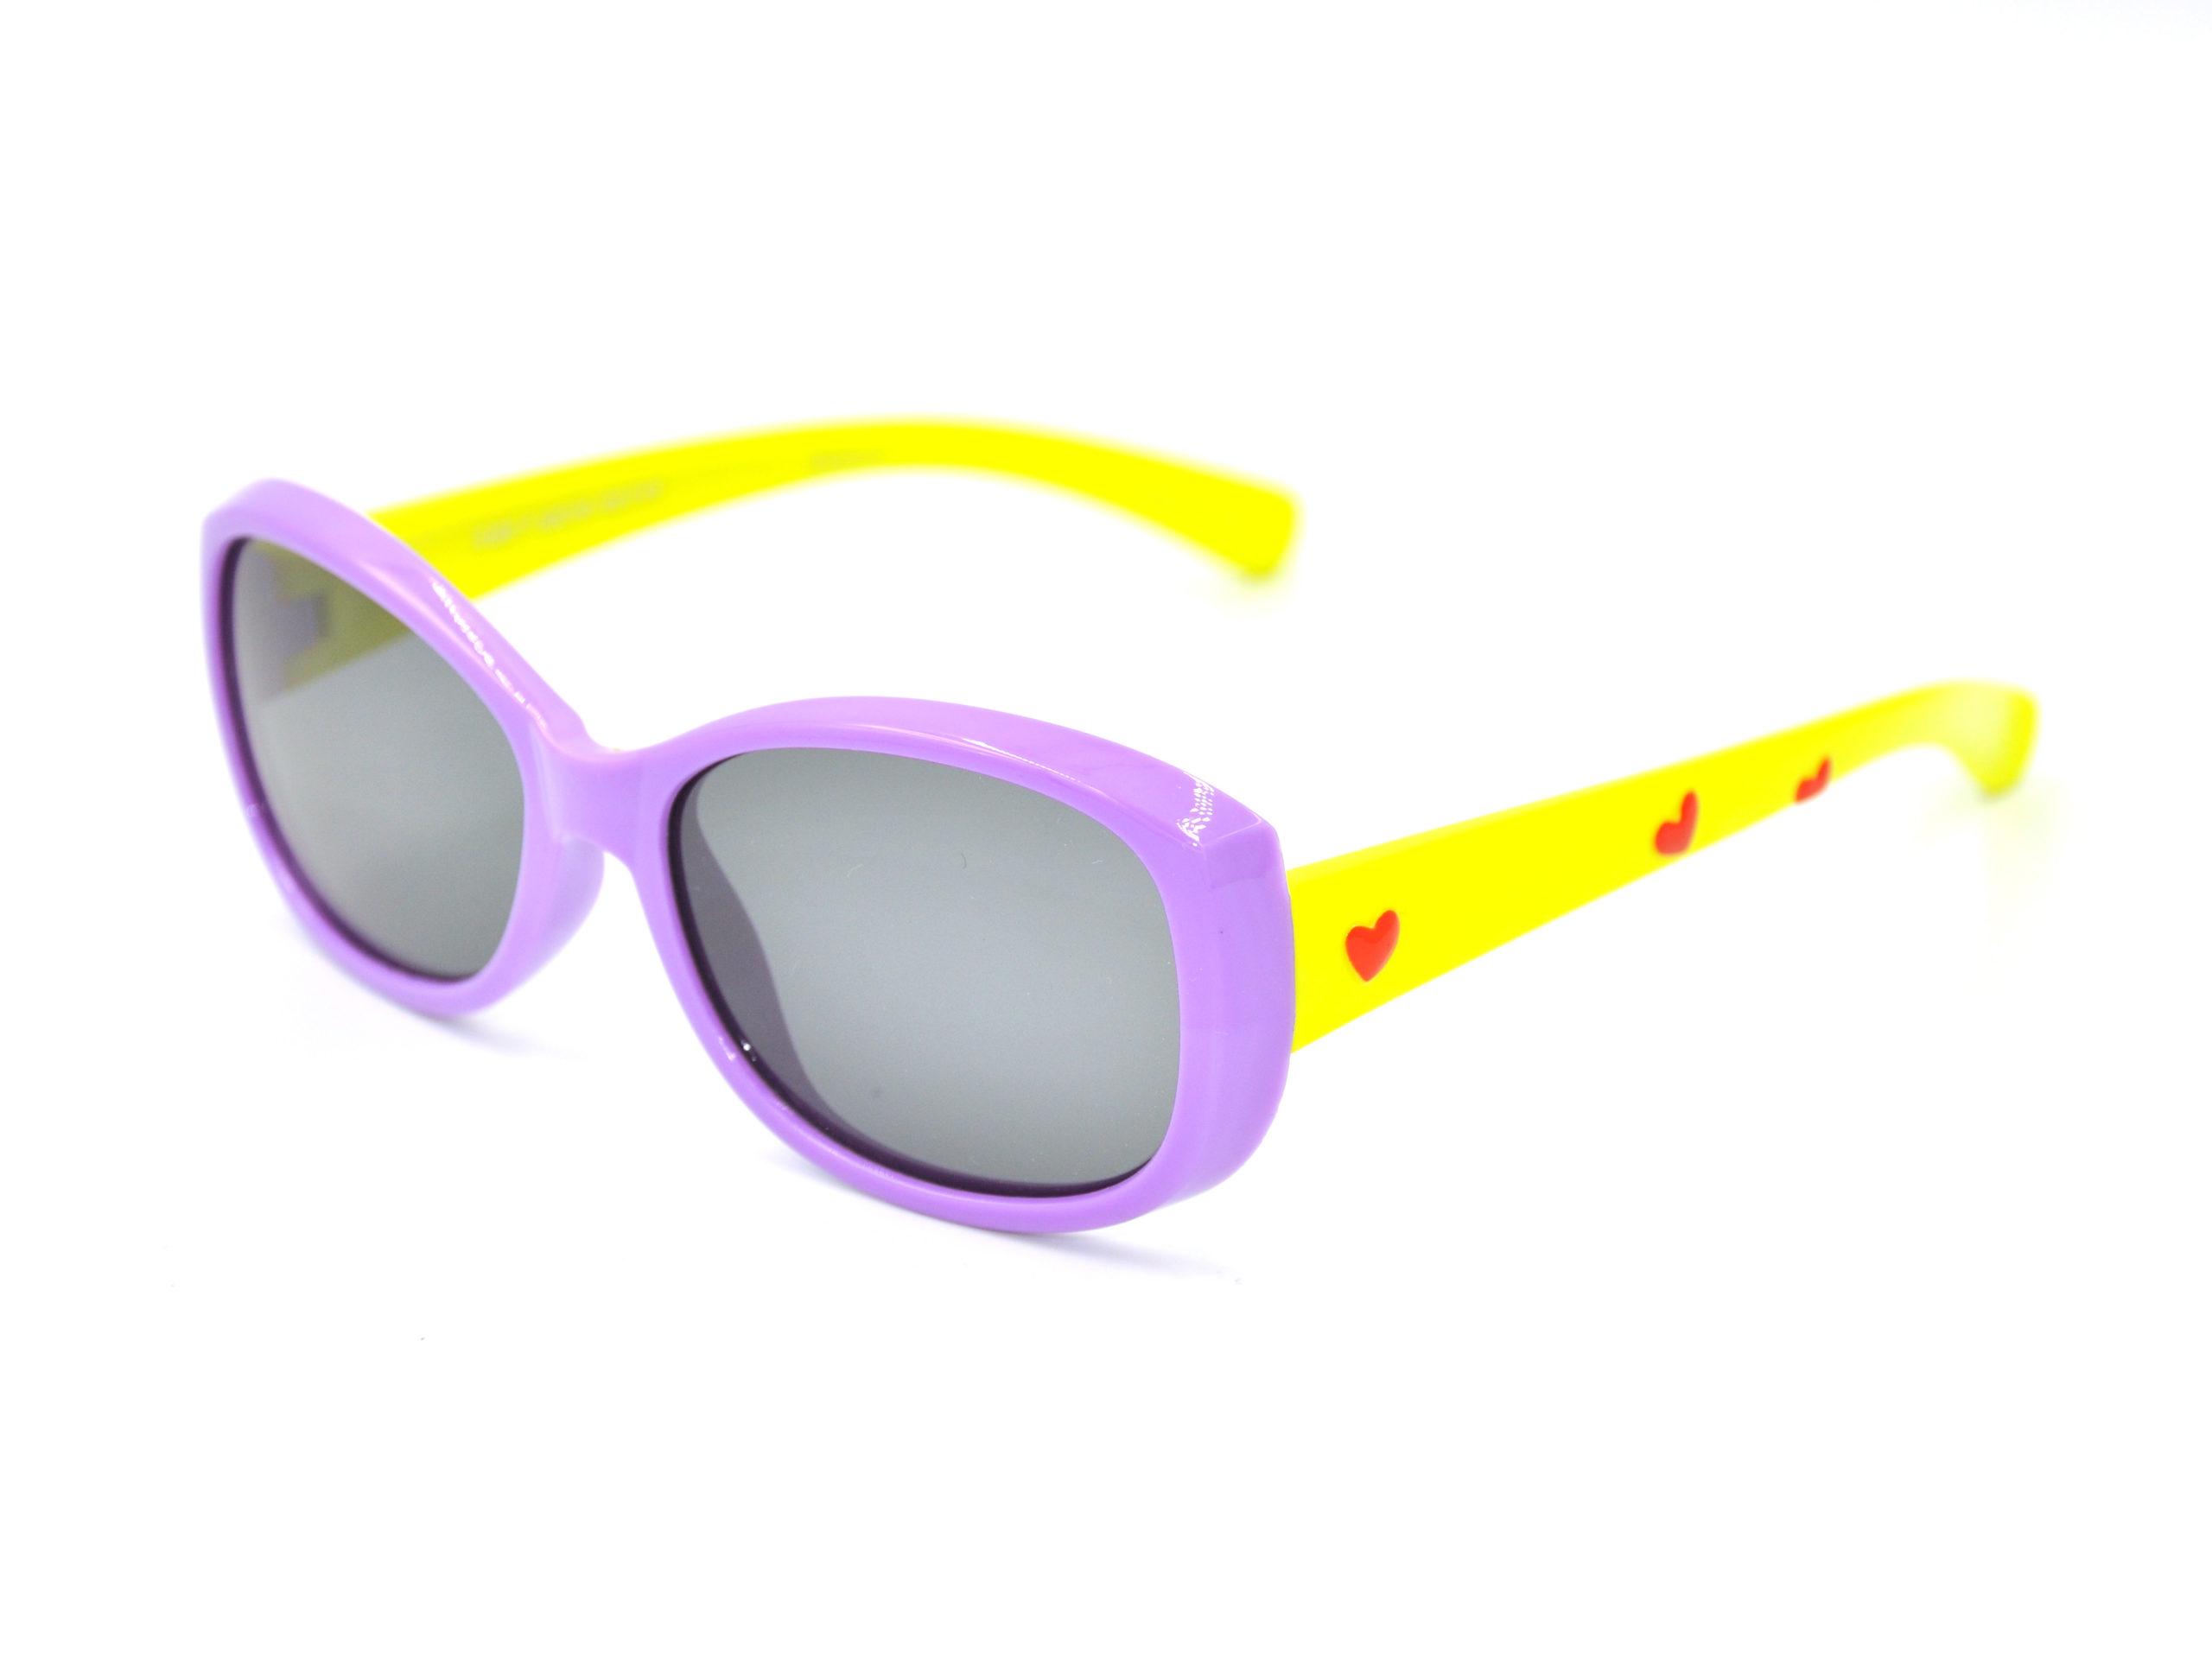 QUADRANT S828 P9 Sunglasses 2020